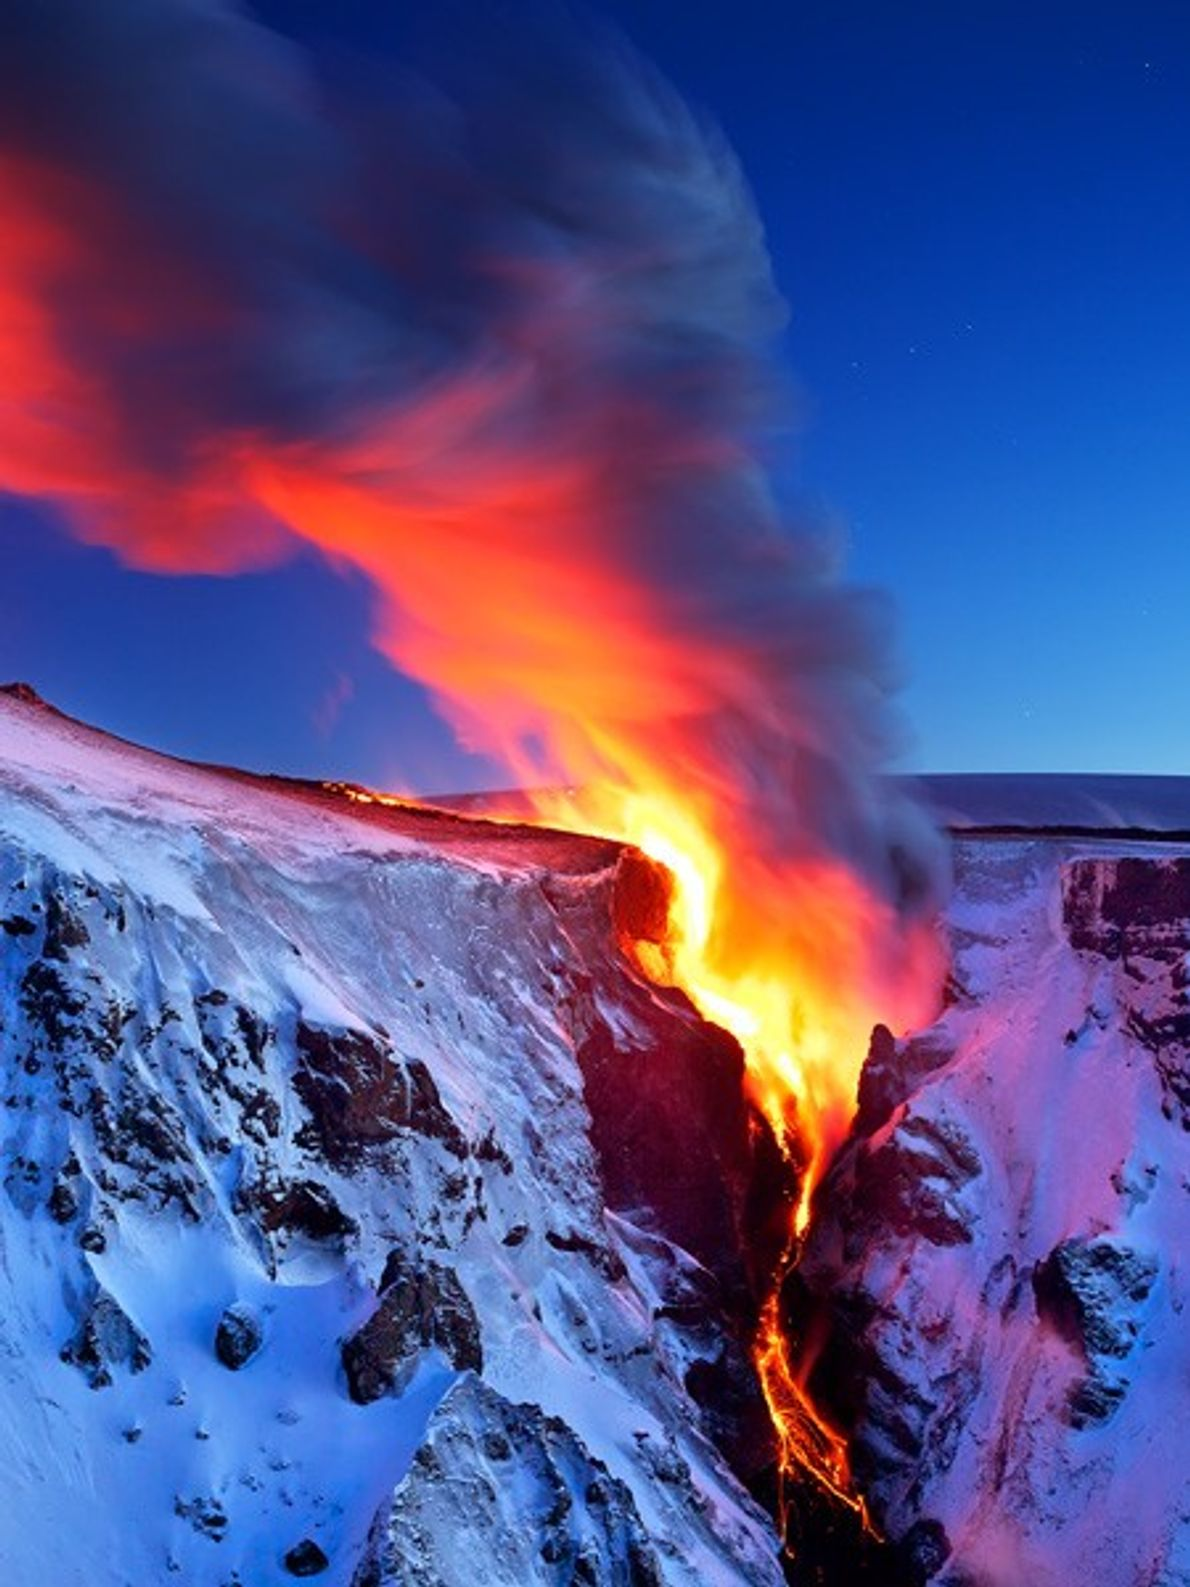 La lave coule dans une vallée du sud de l'Islande, près du volcan Eyjafjallajökull.